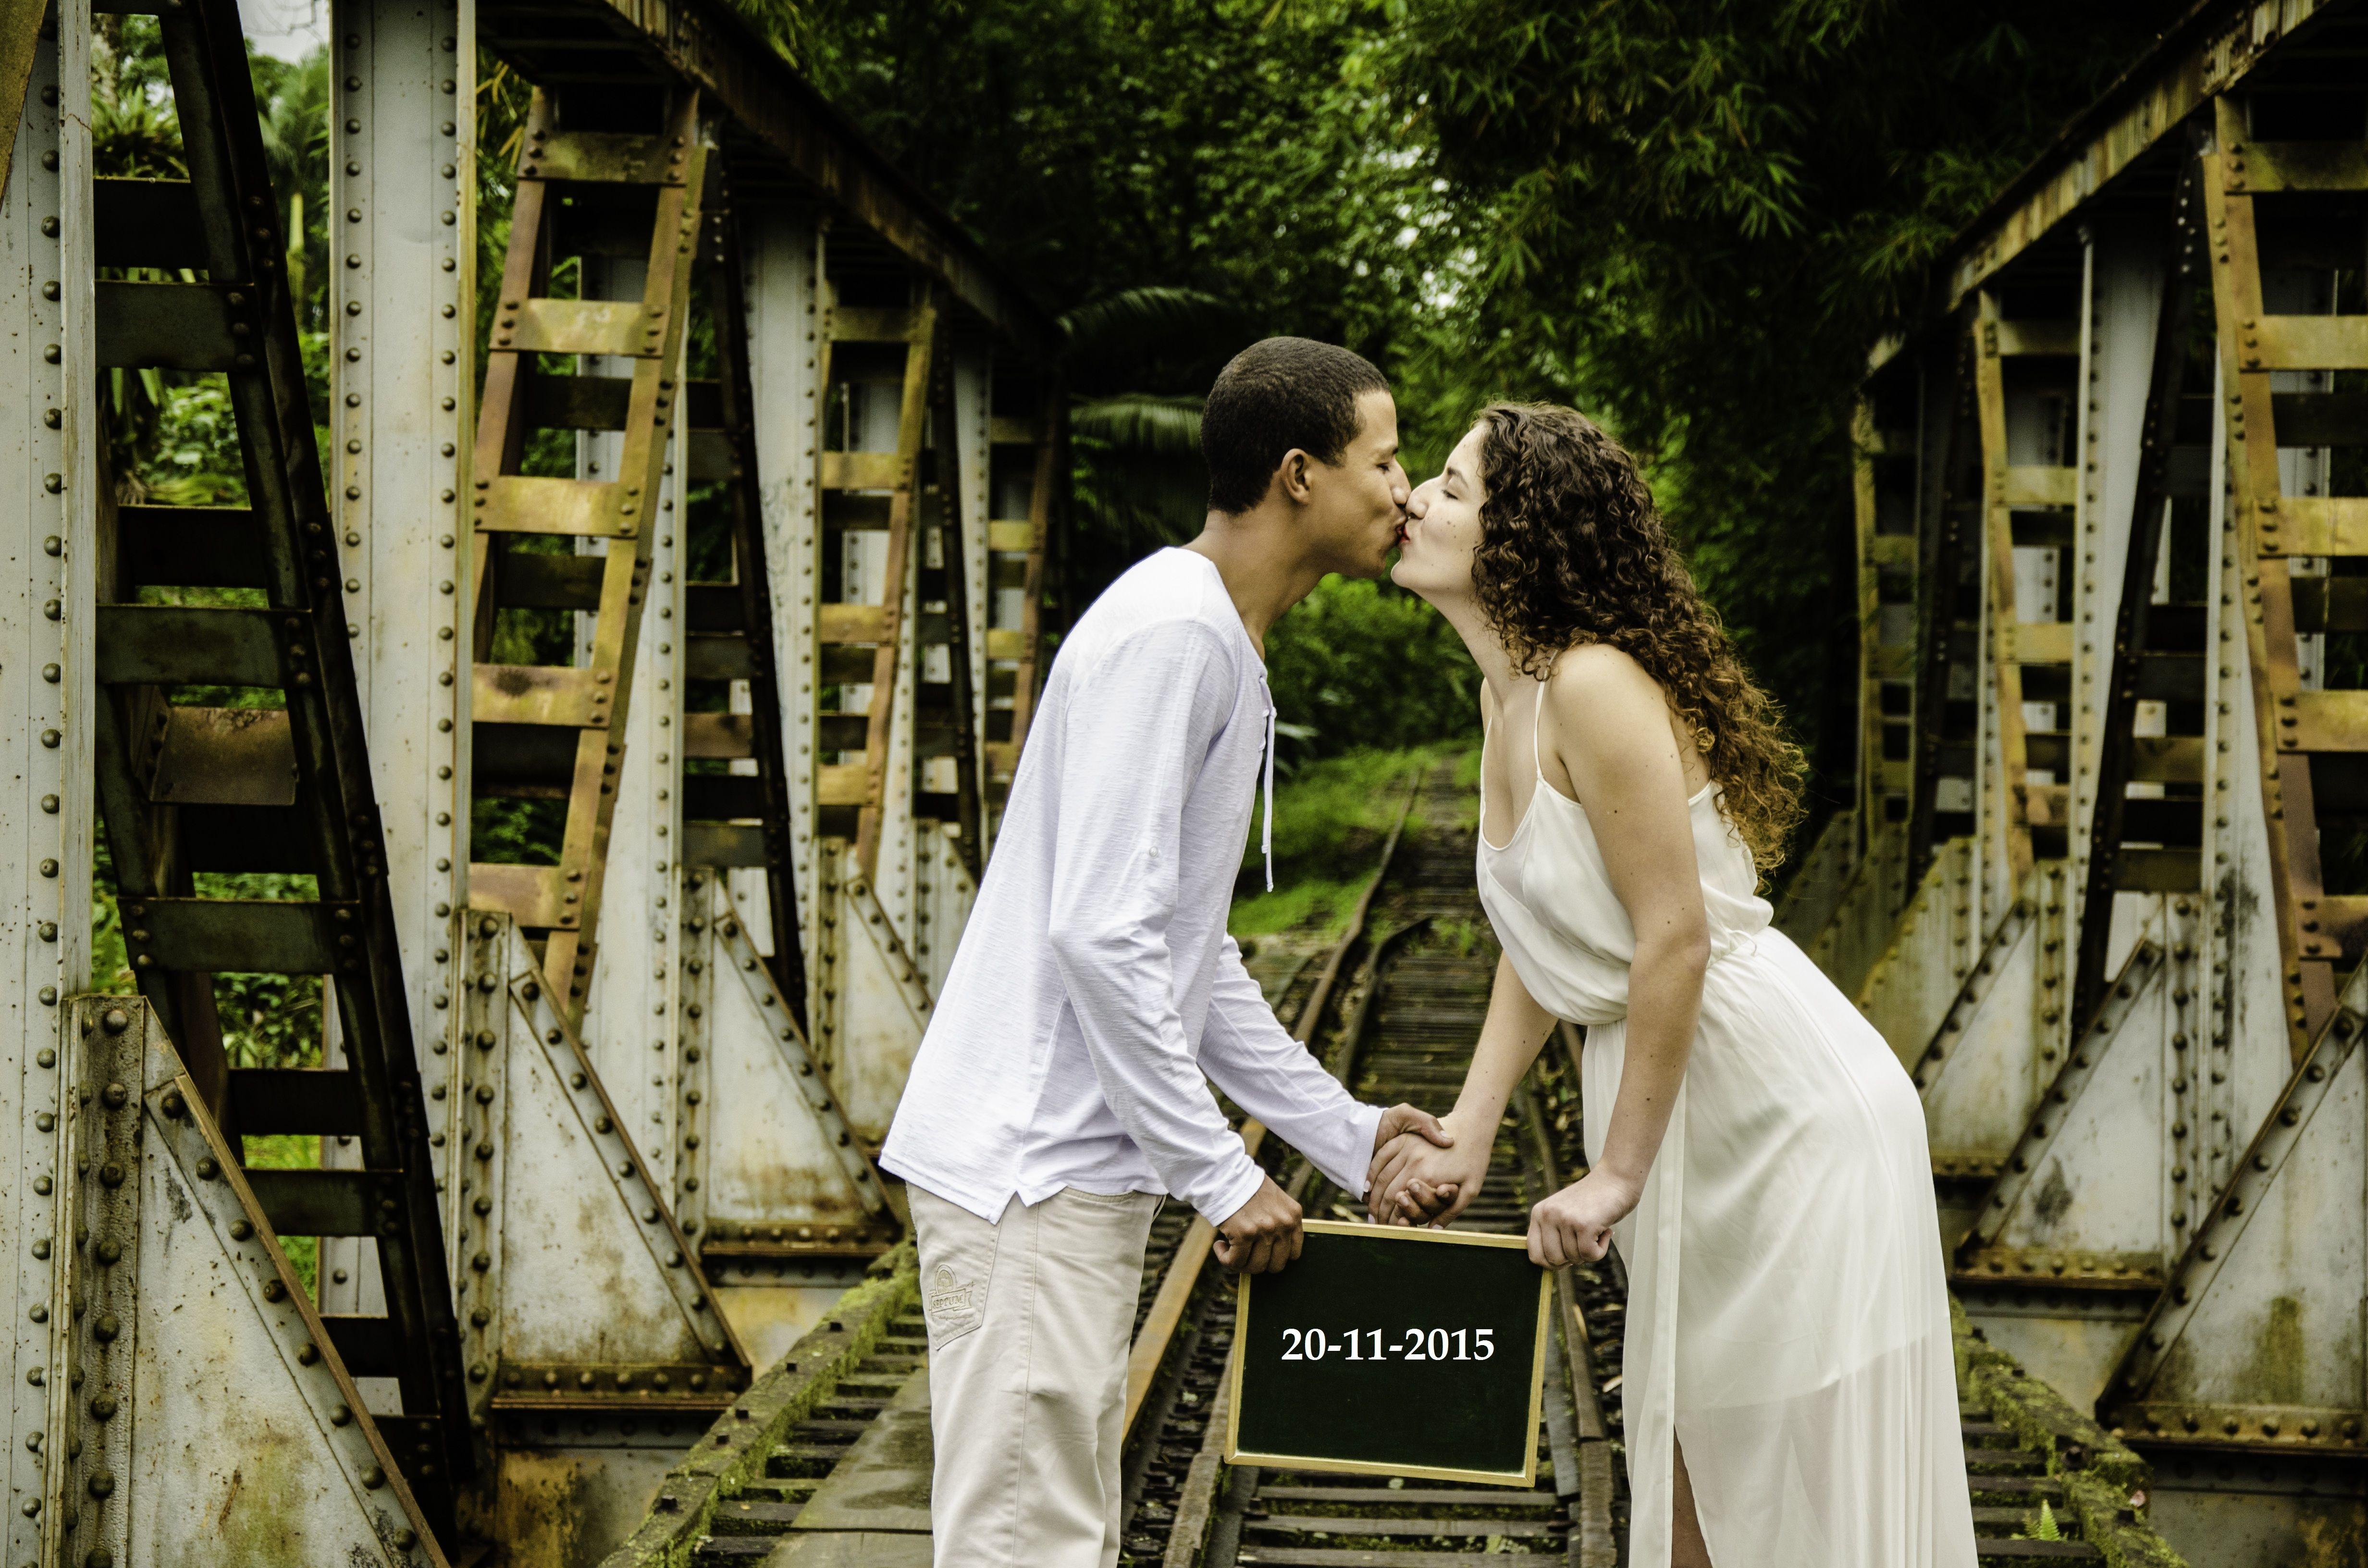 ensaio noivos pre casamento pre wedding ensaio fotografico ensaio noivos pre casamento pre wedding ensaio fotografico bride serra da